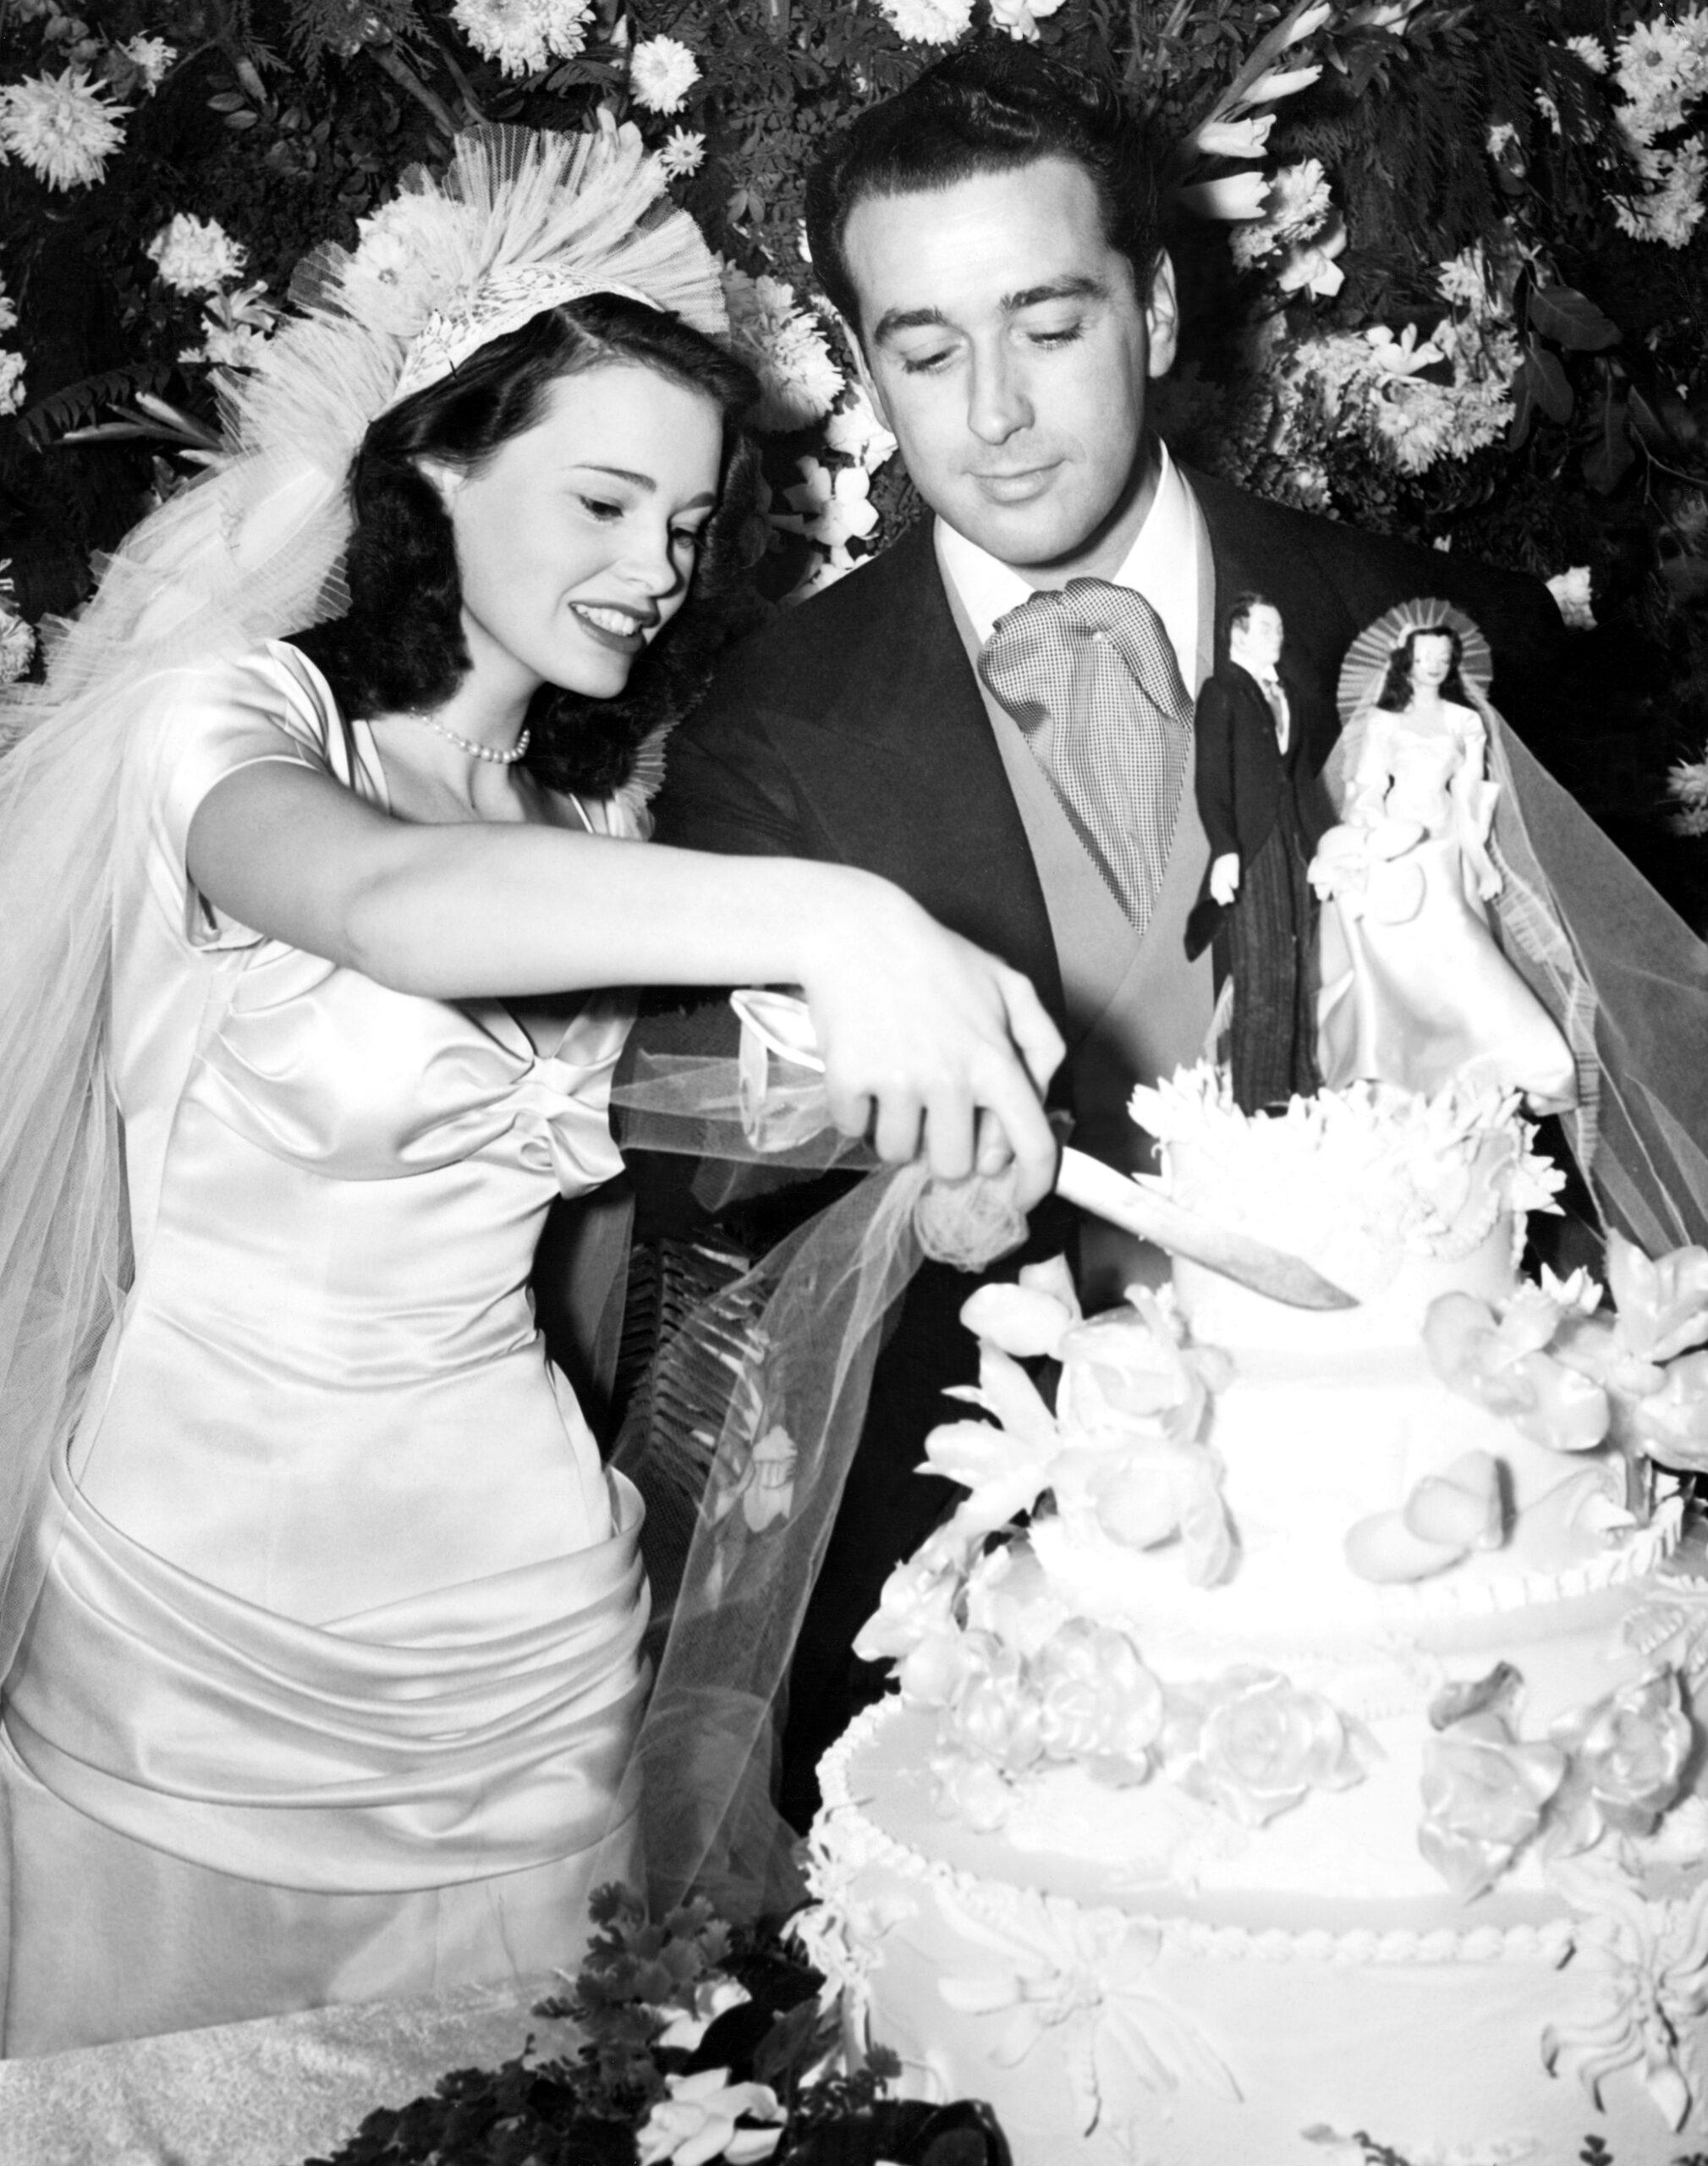 Gloria Vanderbilt Pasquale DiCiccio wedding